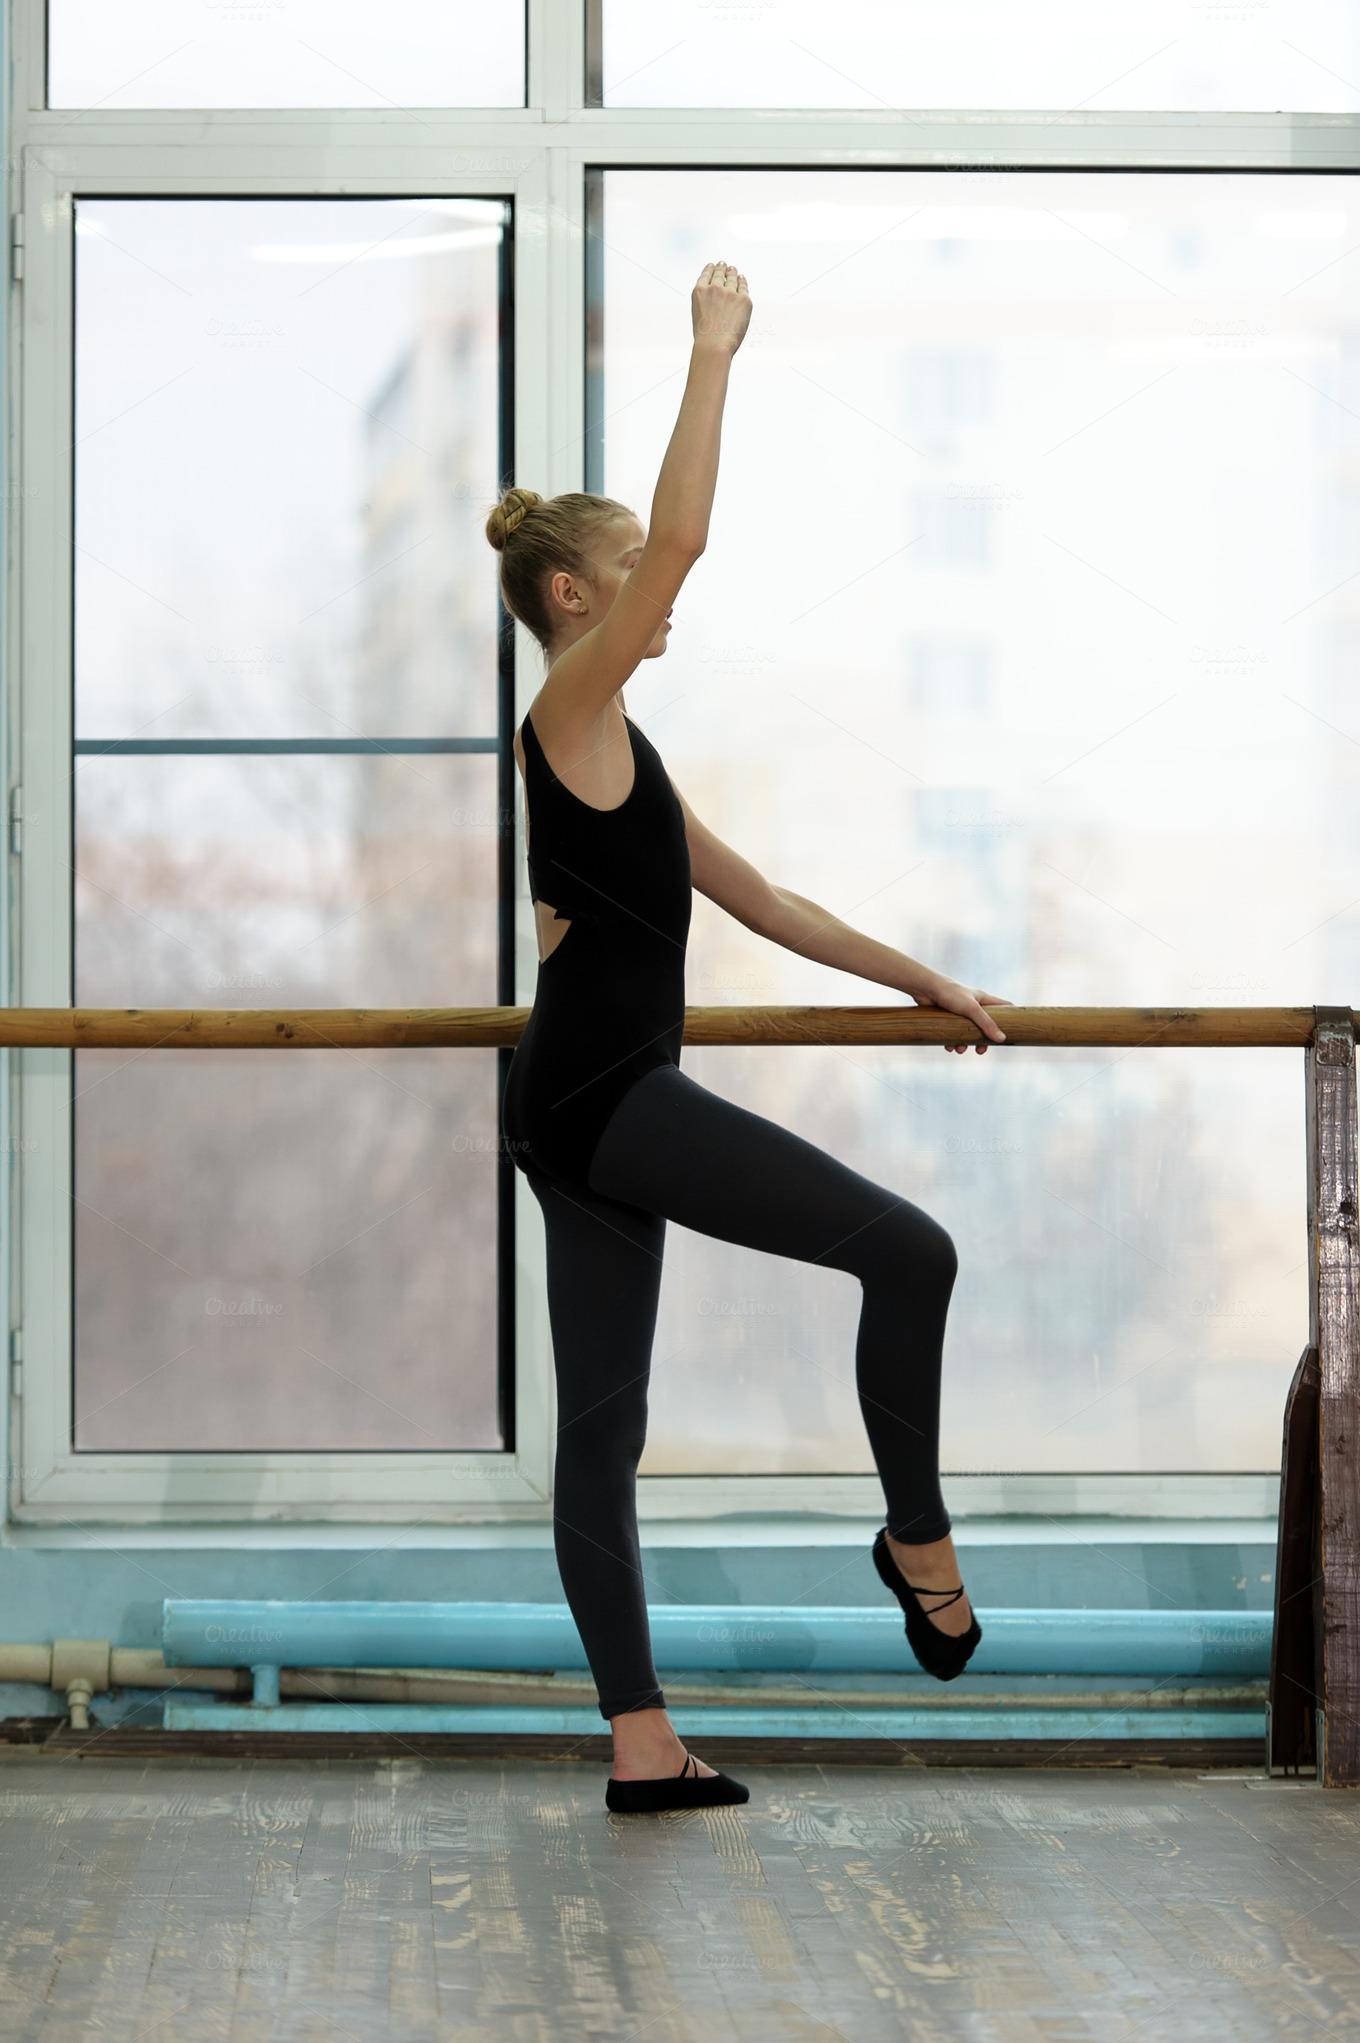 Тренировка балерин фото 9 фотография